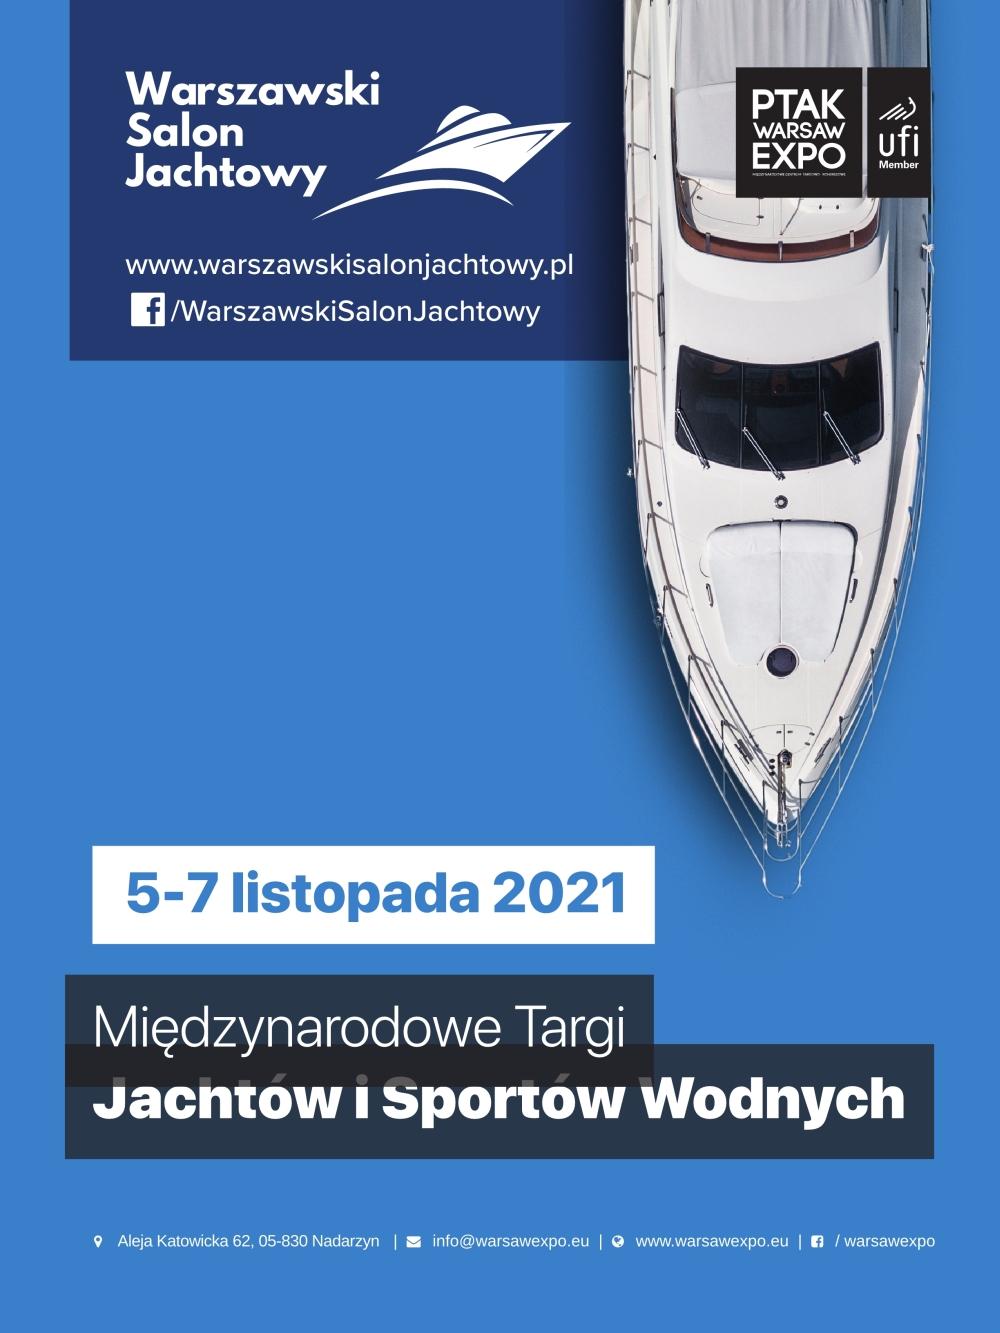 Warszawski Salon Jachtowy